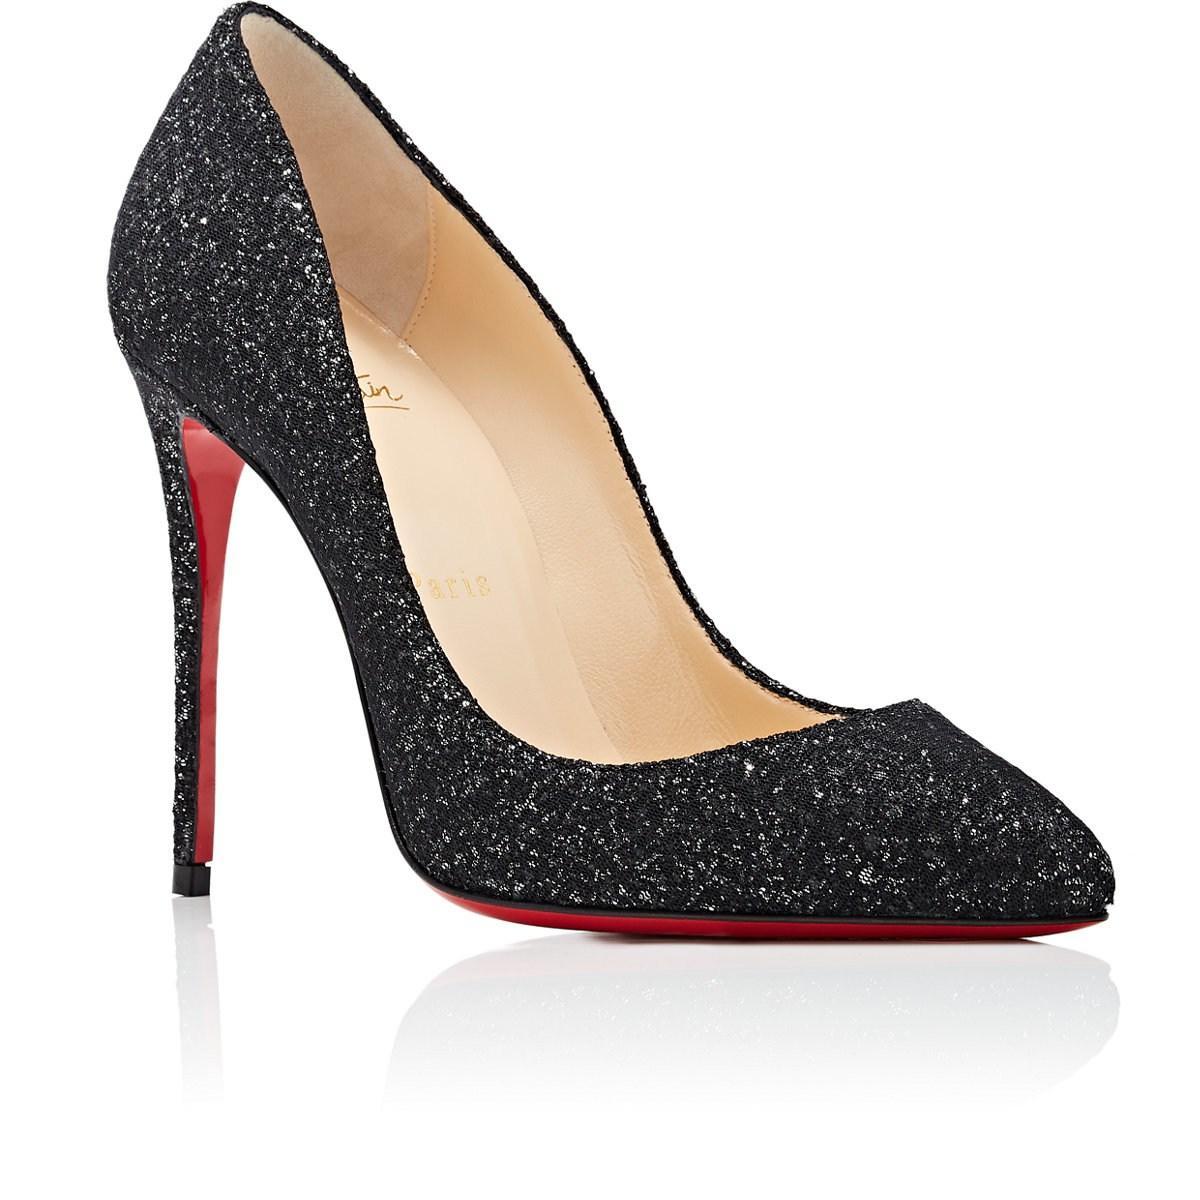 detailed look 14684 ff54a Women's Black Pigalle Follies Glitter Pumps